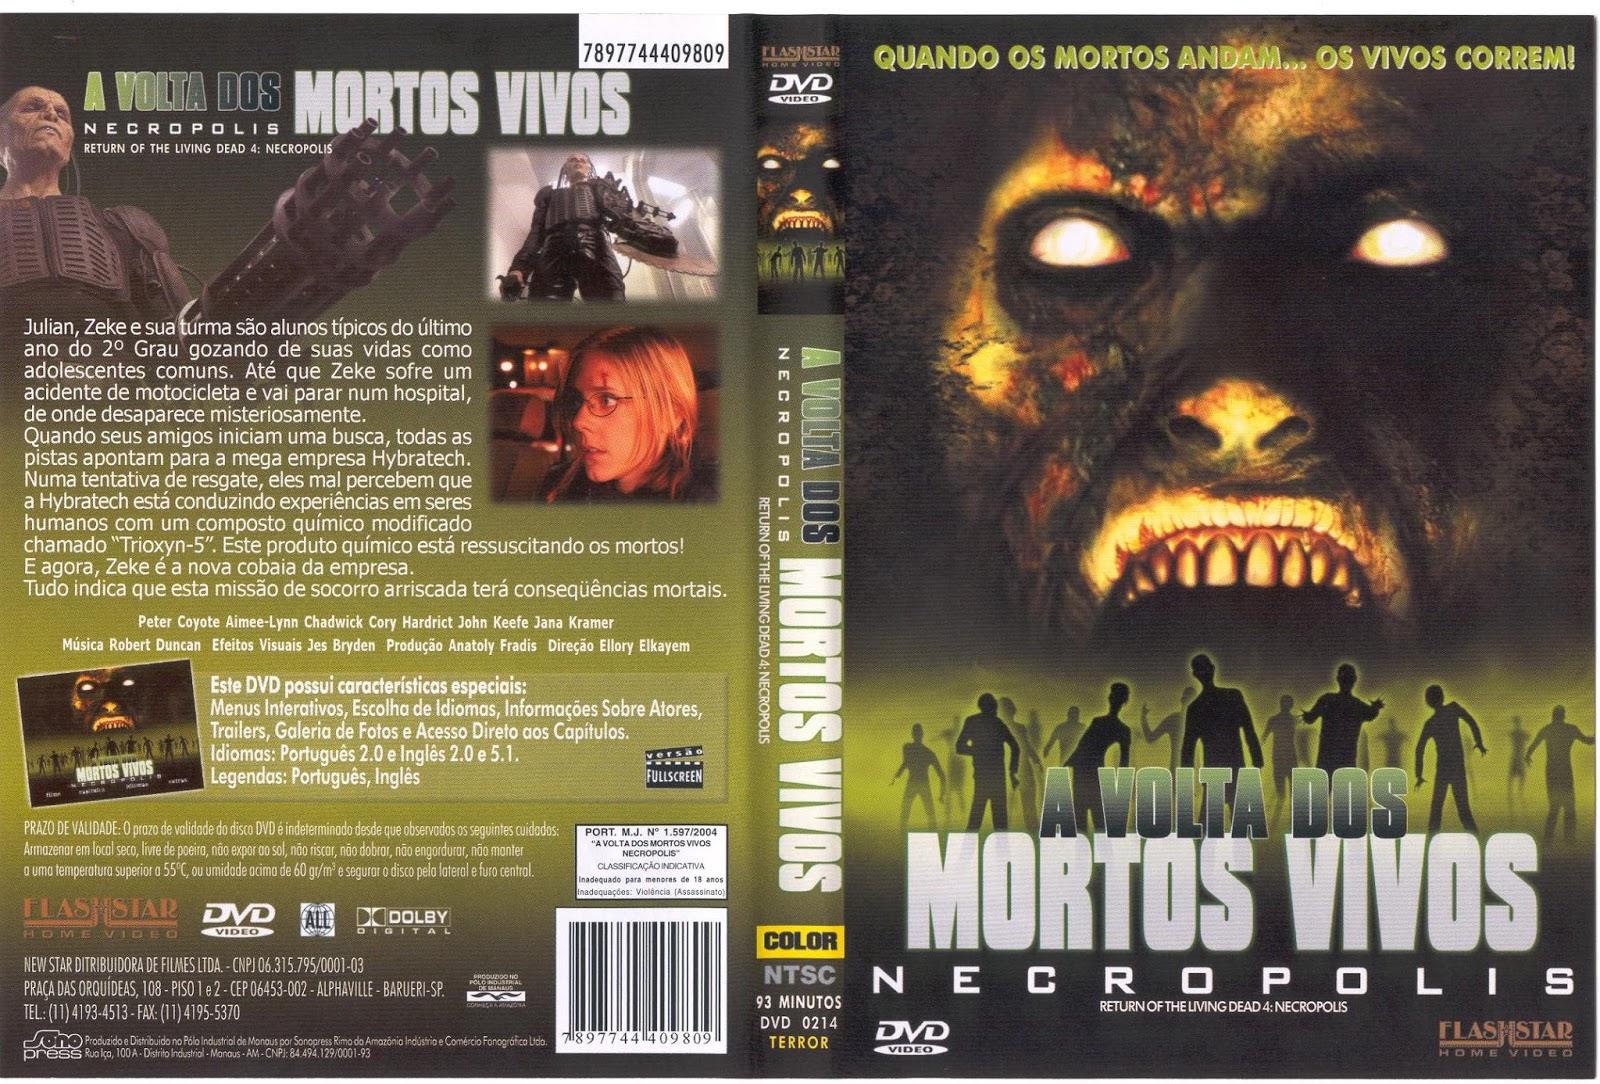 Filme Mortos Vivos within milhares de capas de dvd, originais, custom, labels, show